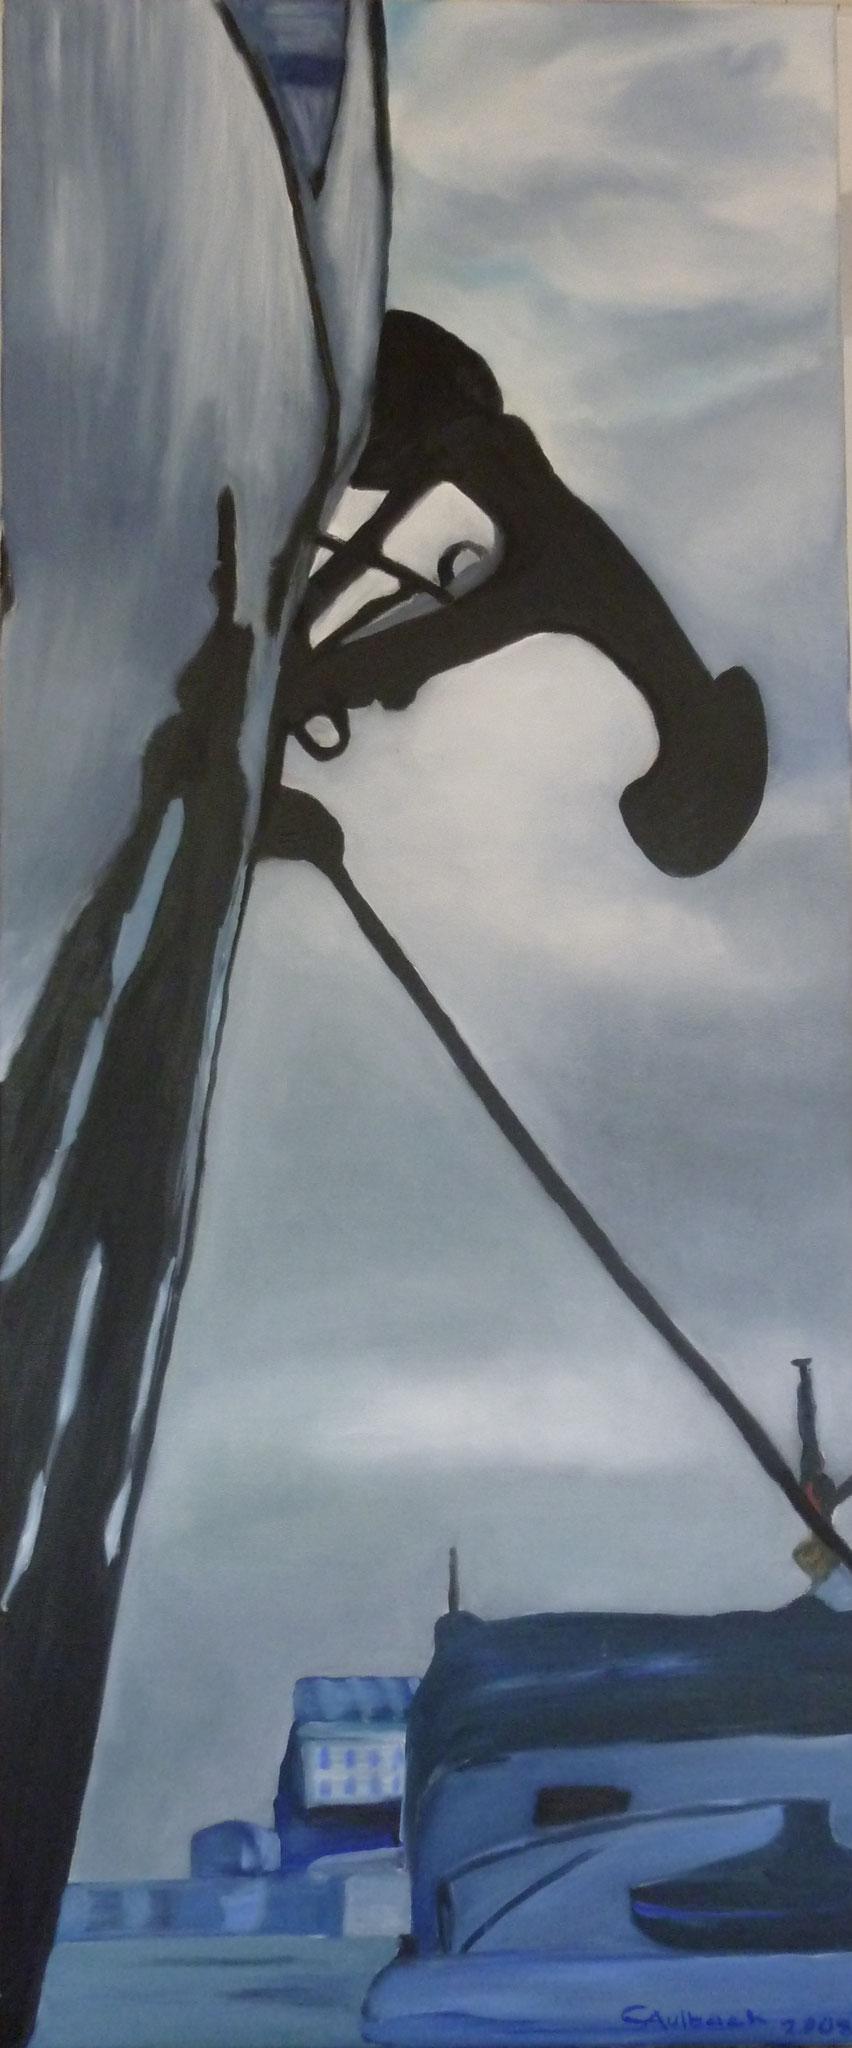 Sicherheit, 2008, 50 x 120cm, Öl auf Leinwand